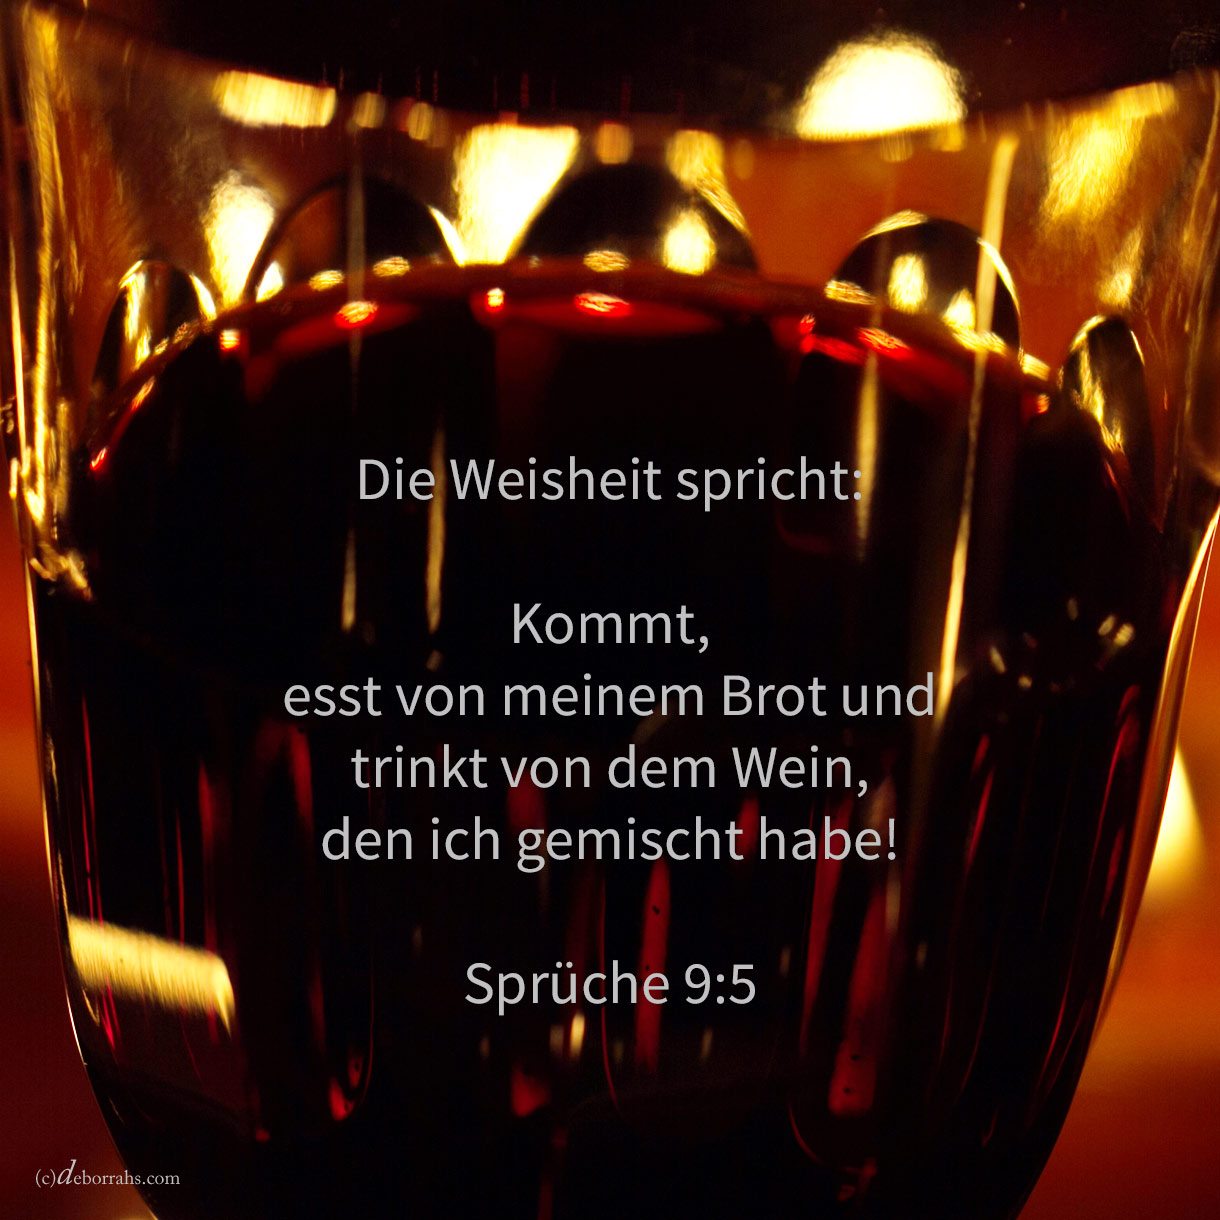 Die Weisheit spricht: Kommet, esset von meinem Brote, und trinket von dem Weine, den ich gemischt habe ( Sprüche 9,5 )